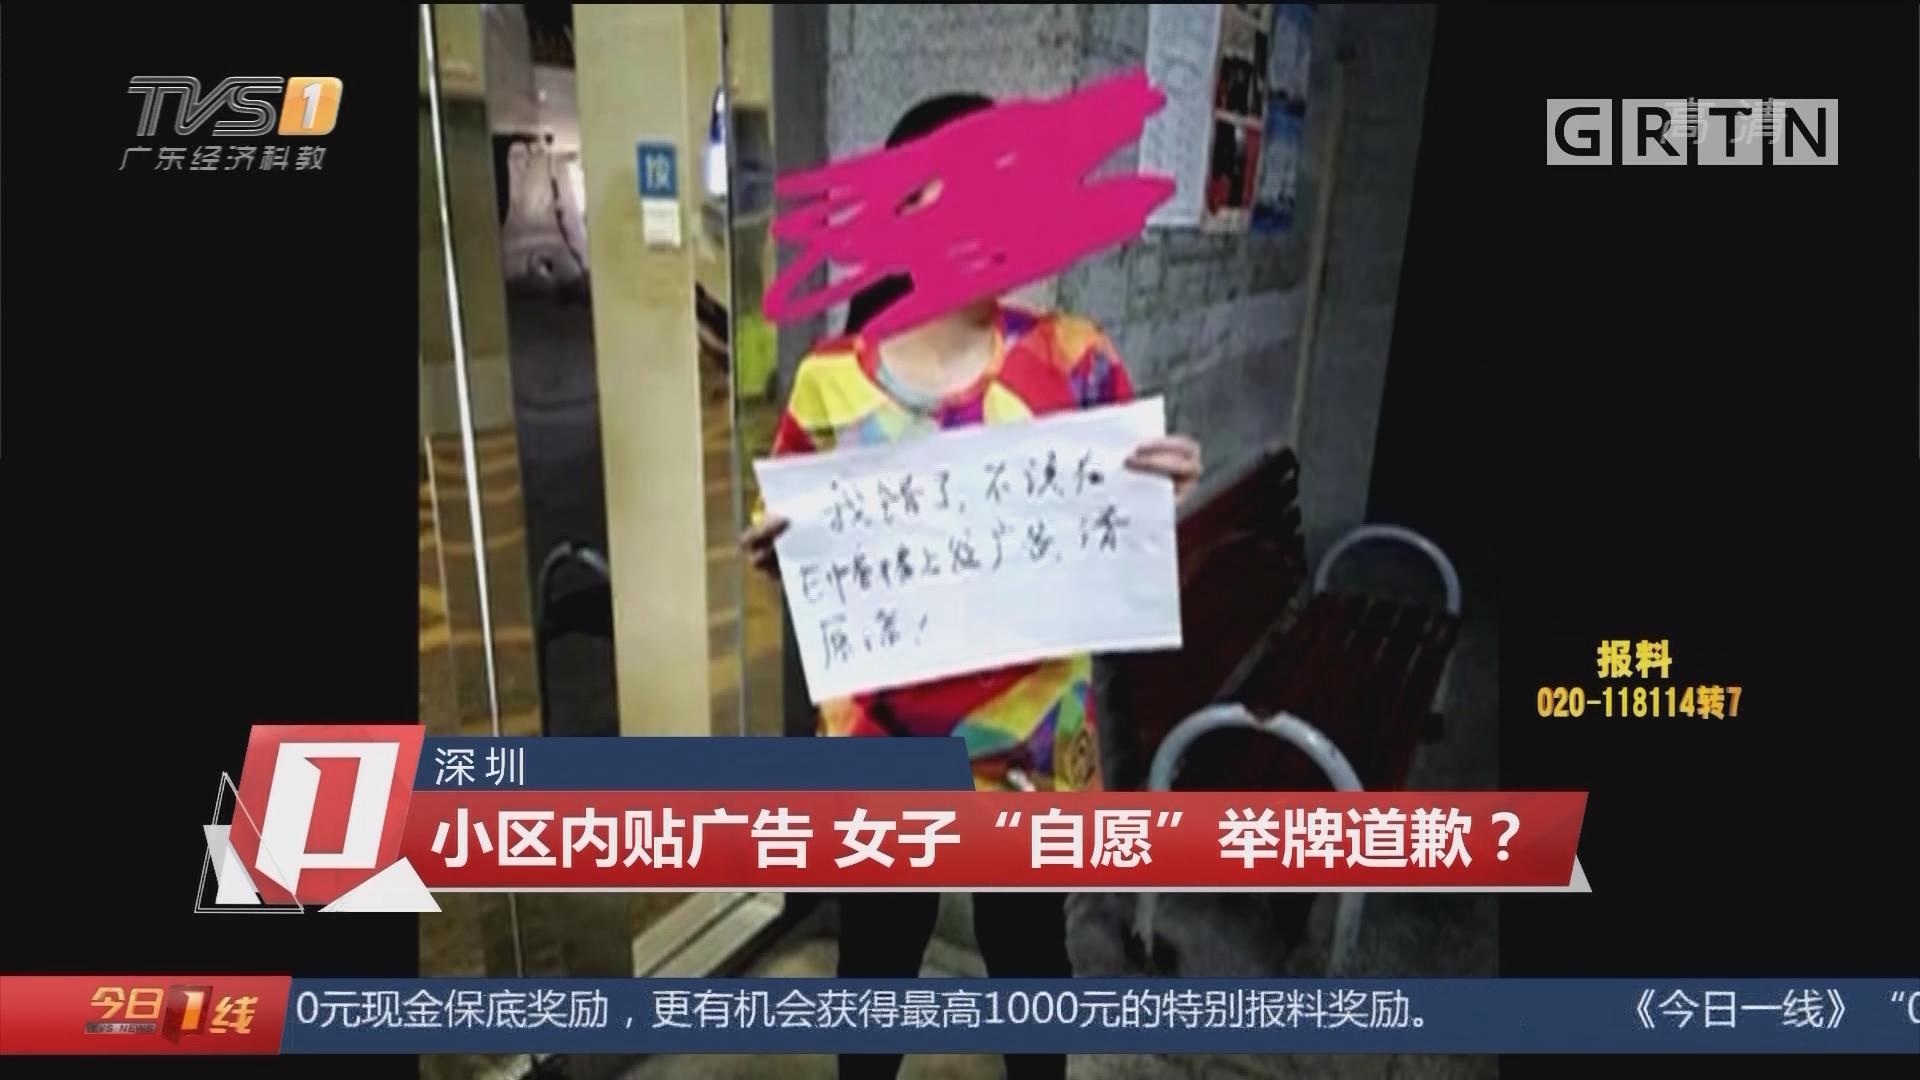 """深圳:小区内贴广告 女子""""自愿""""举牌道歉?"""